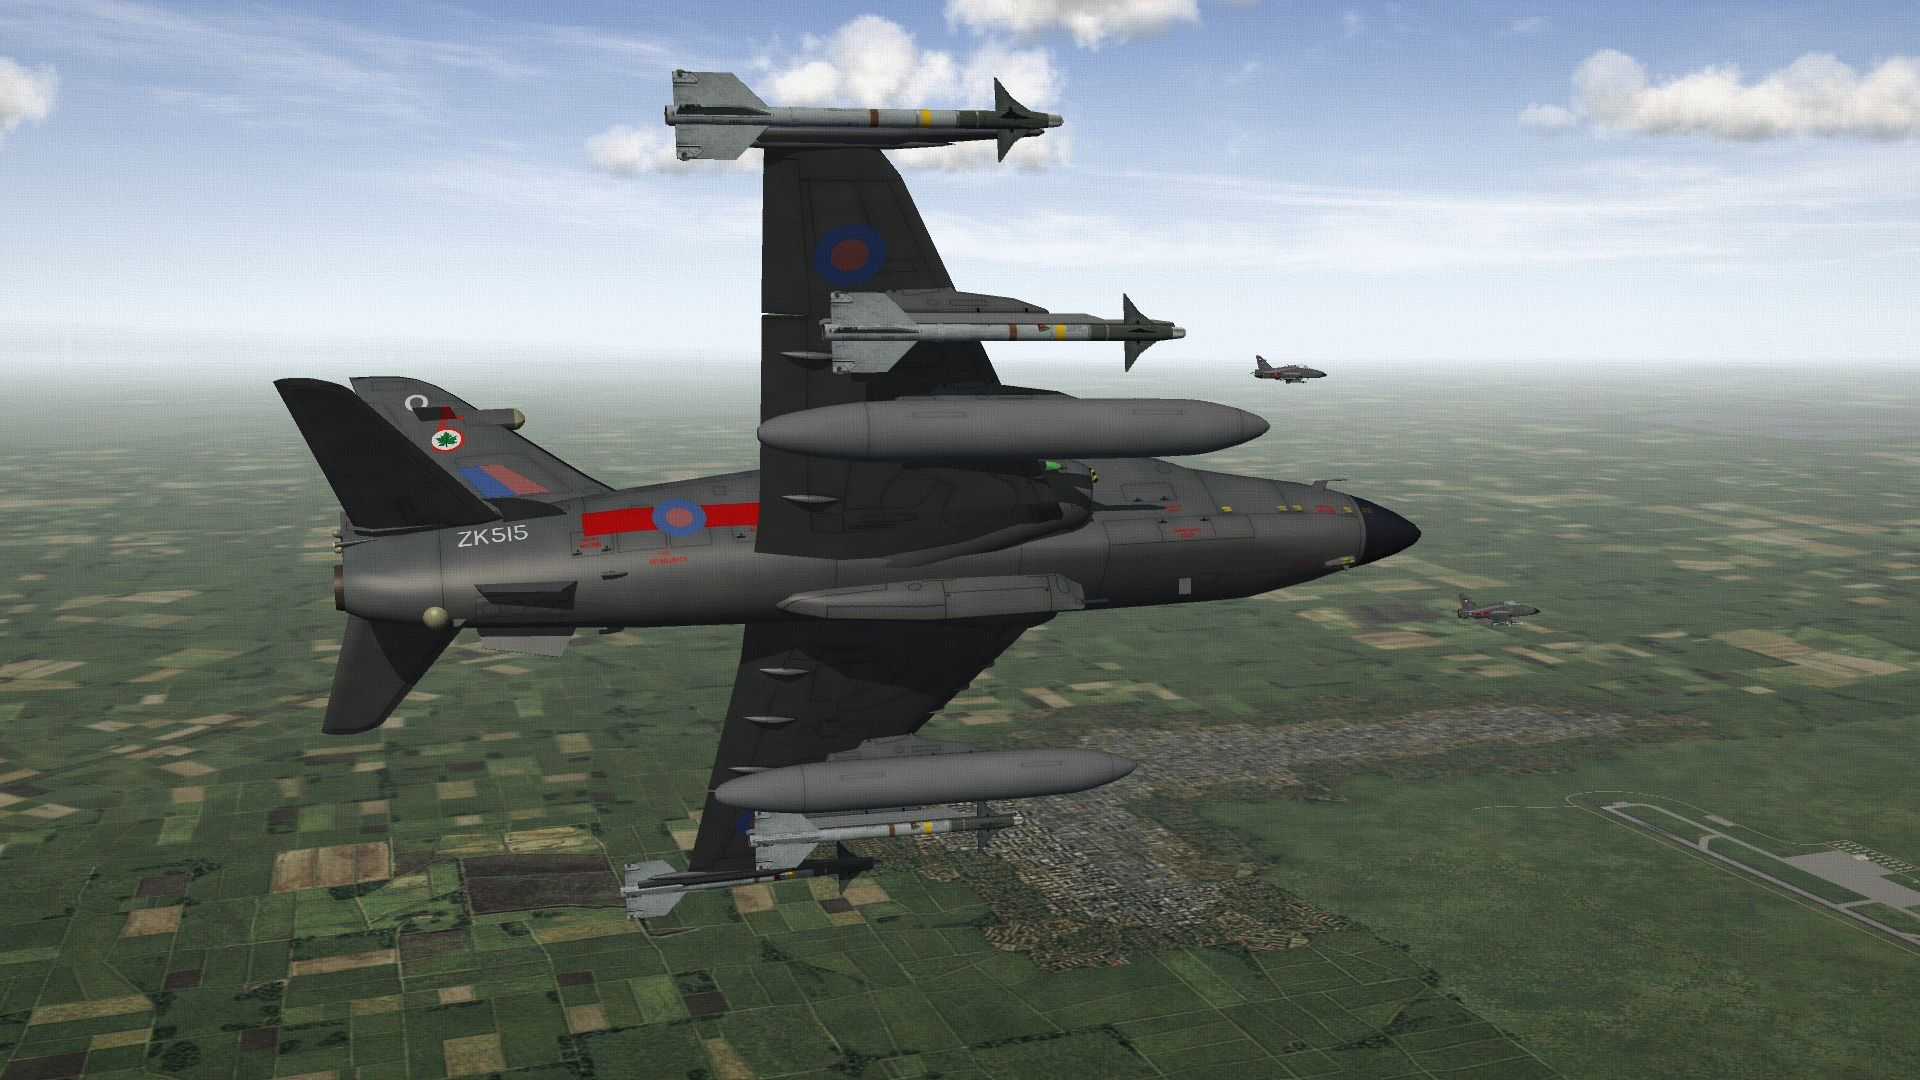 RAF%20HAWK%20F2.04_zpsidcpnkw9.jpg